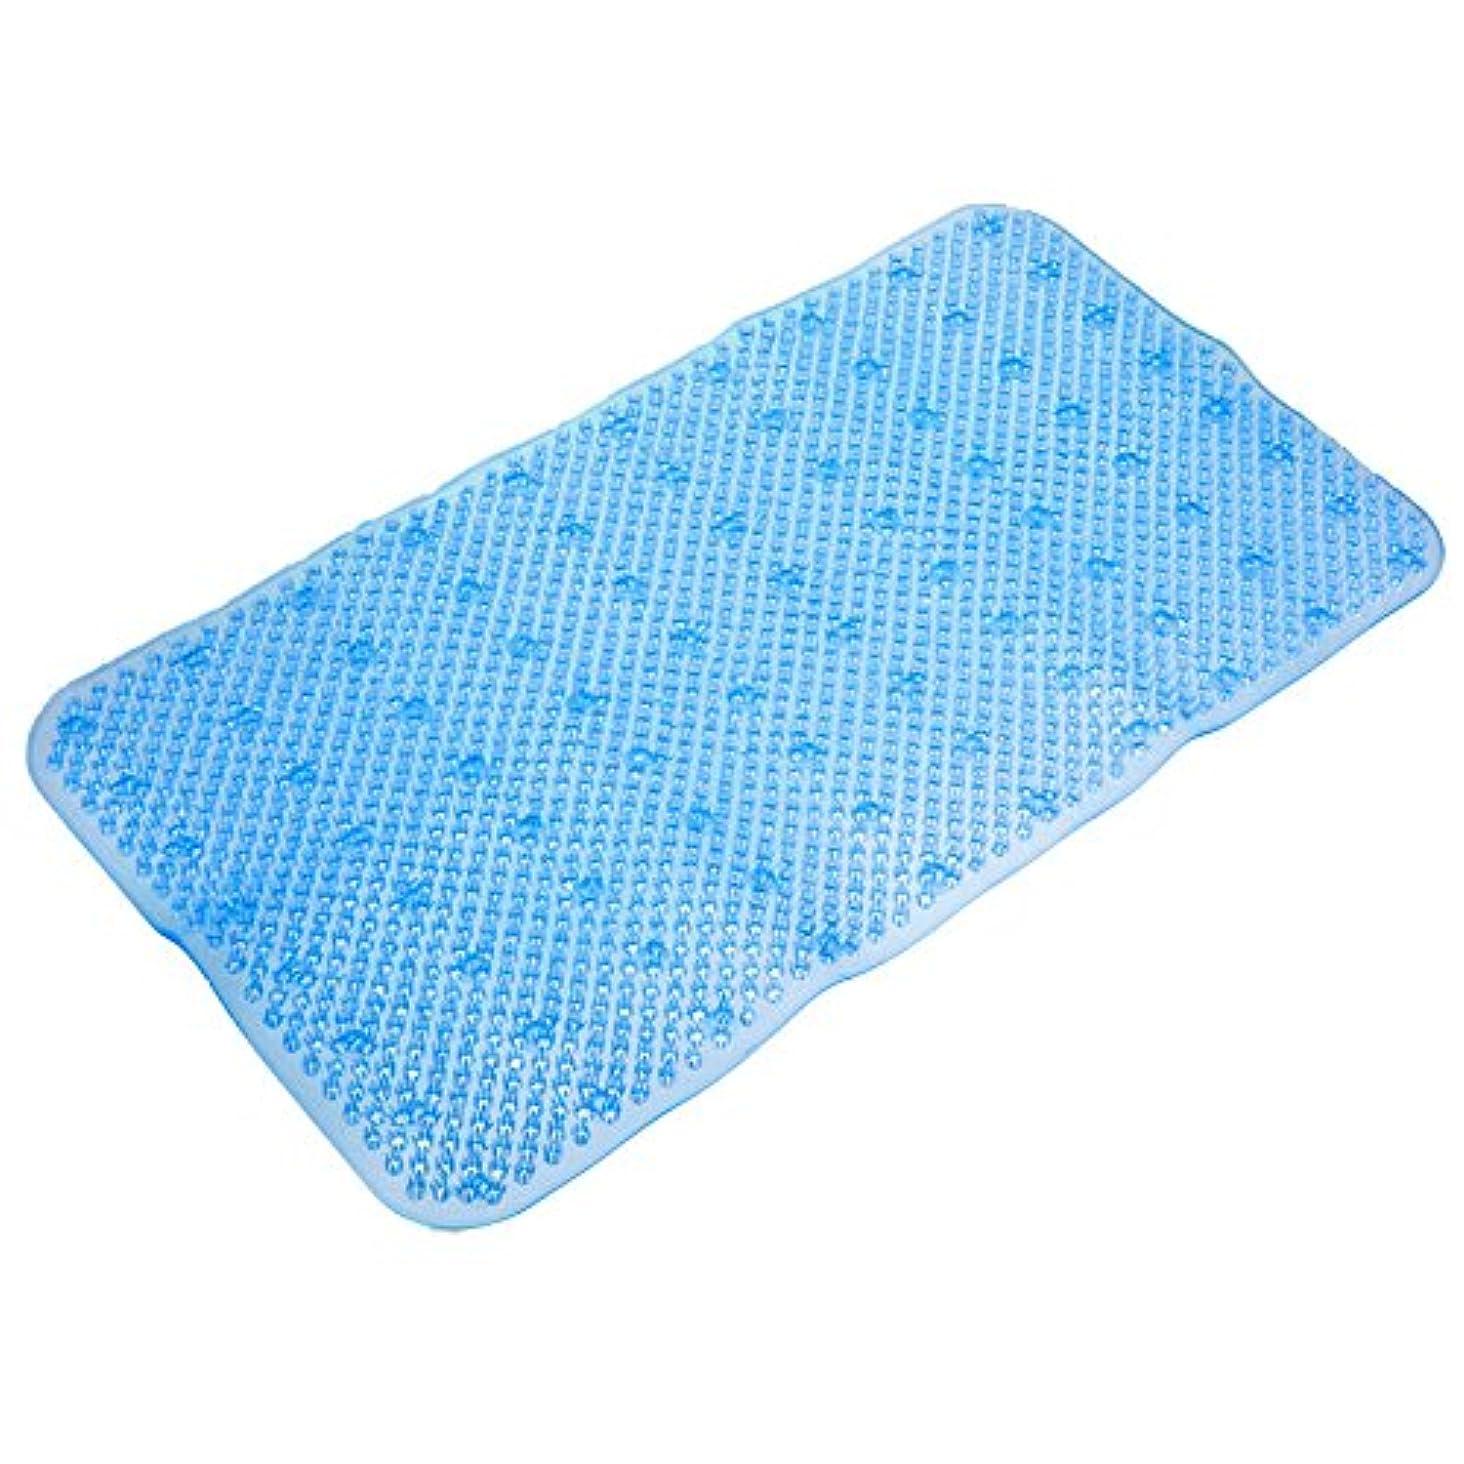 のスコア素敵な麺便利な pvc 34 × 64 センチ非スリップ風呂浴室シャワー トイレ アンチスリップフロアマット吸引吸盤パッド足マッサージ の敷物5色-青い